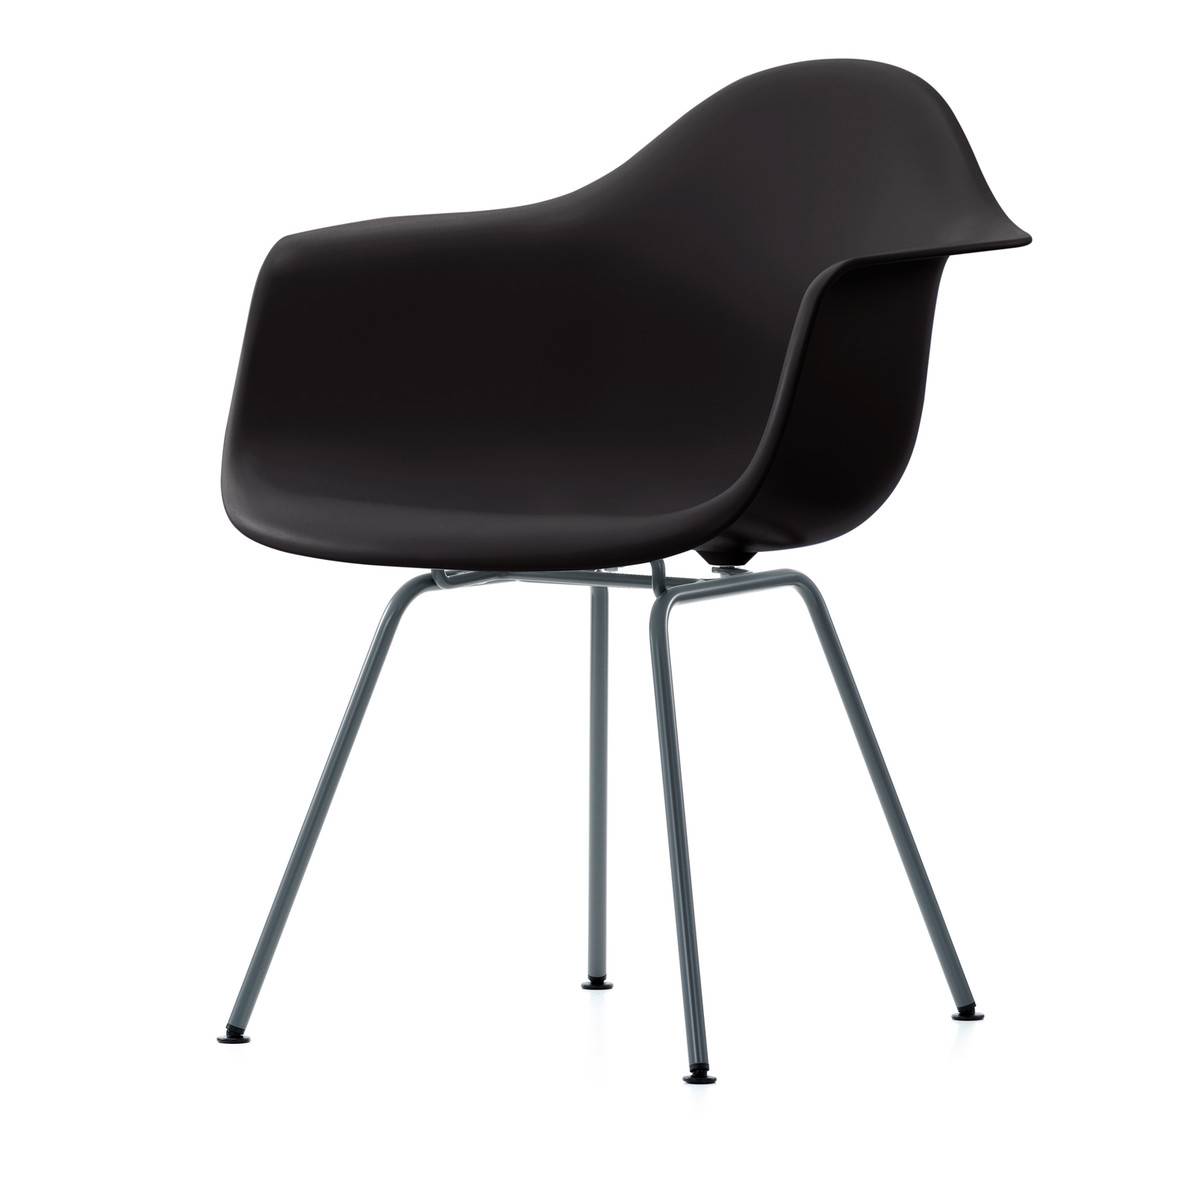 Eames Armchair DAX VITRA  Klädd sits svart,ben pulverlackade svart. B: 63 cm, H; 83 cm, Djup. 59 cm, Sitthöjd; 43 cm    Lagerstatus: I lager.